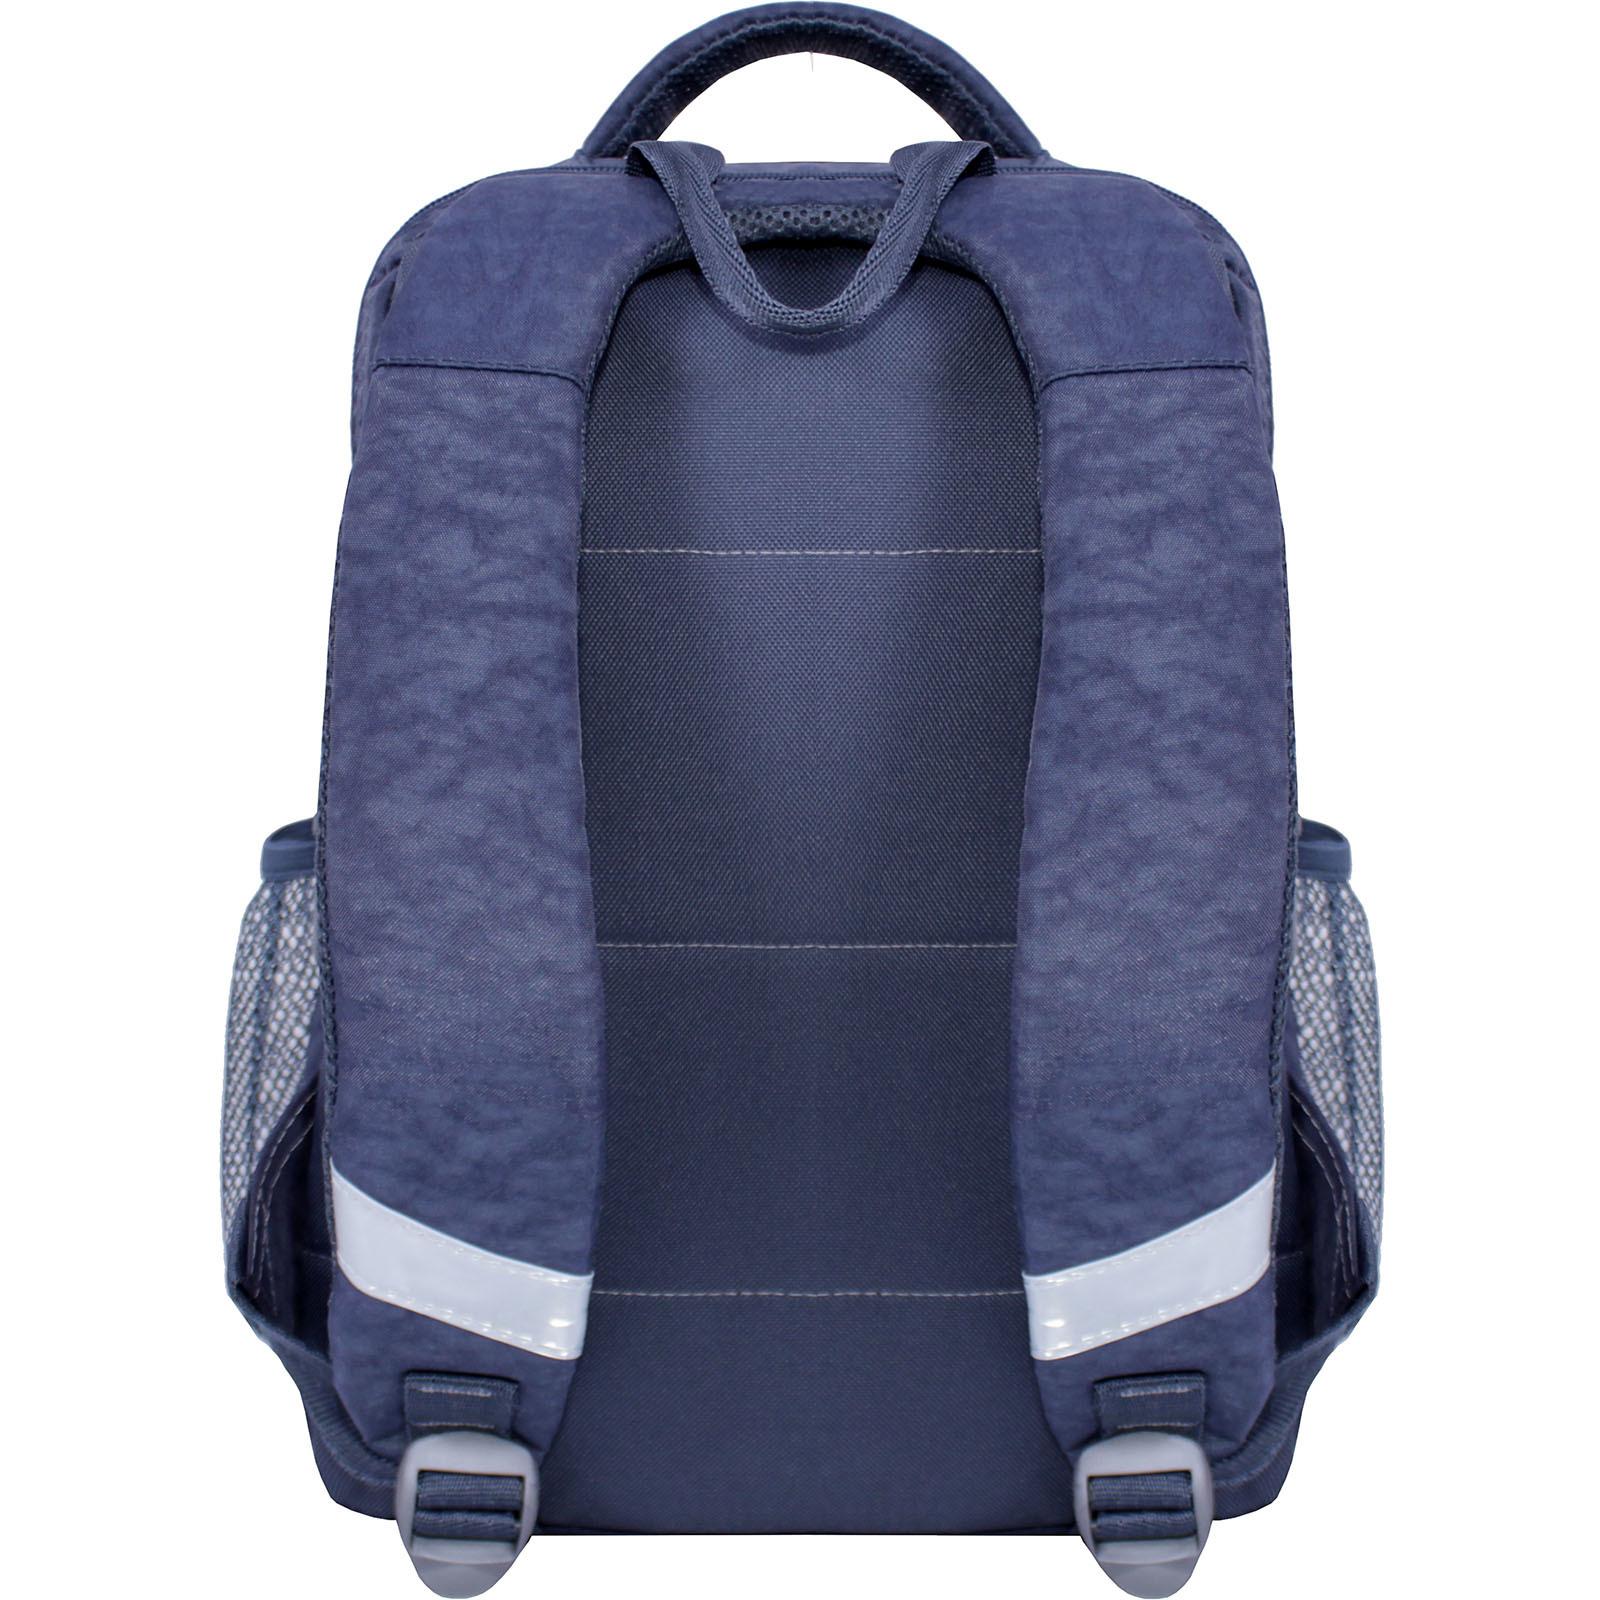 Рюкзак школьный Bagland Школьник 8 л. 321 серый 506 (00112702) фото 3